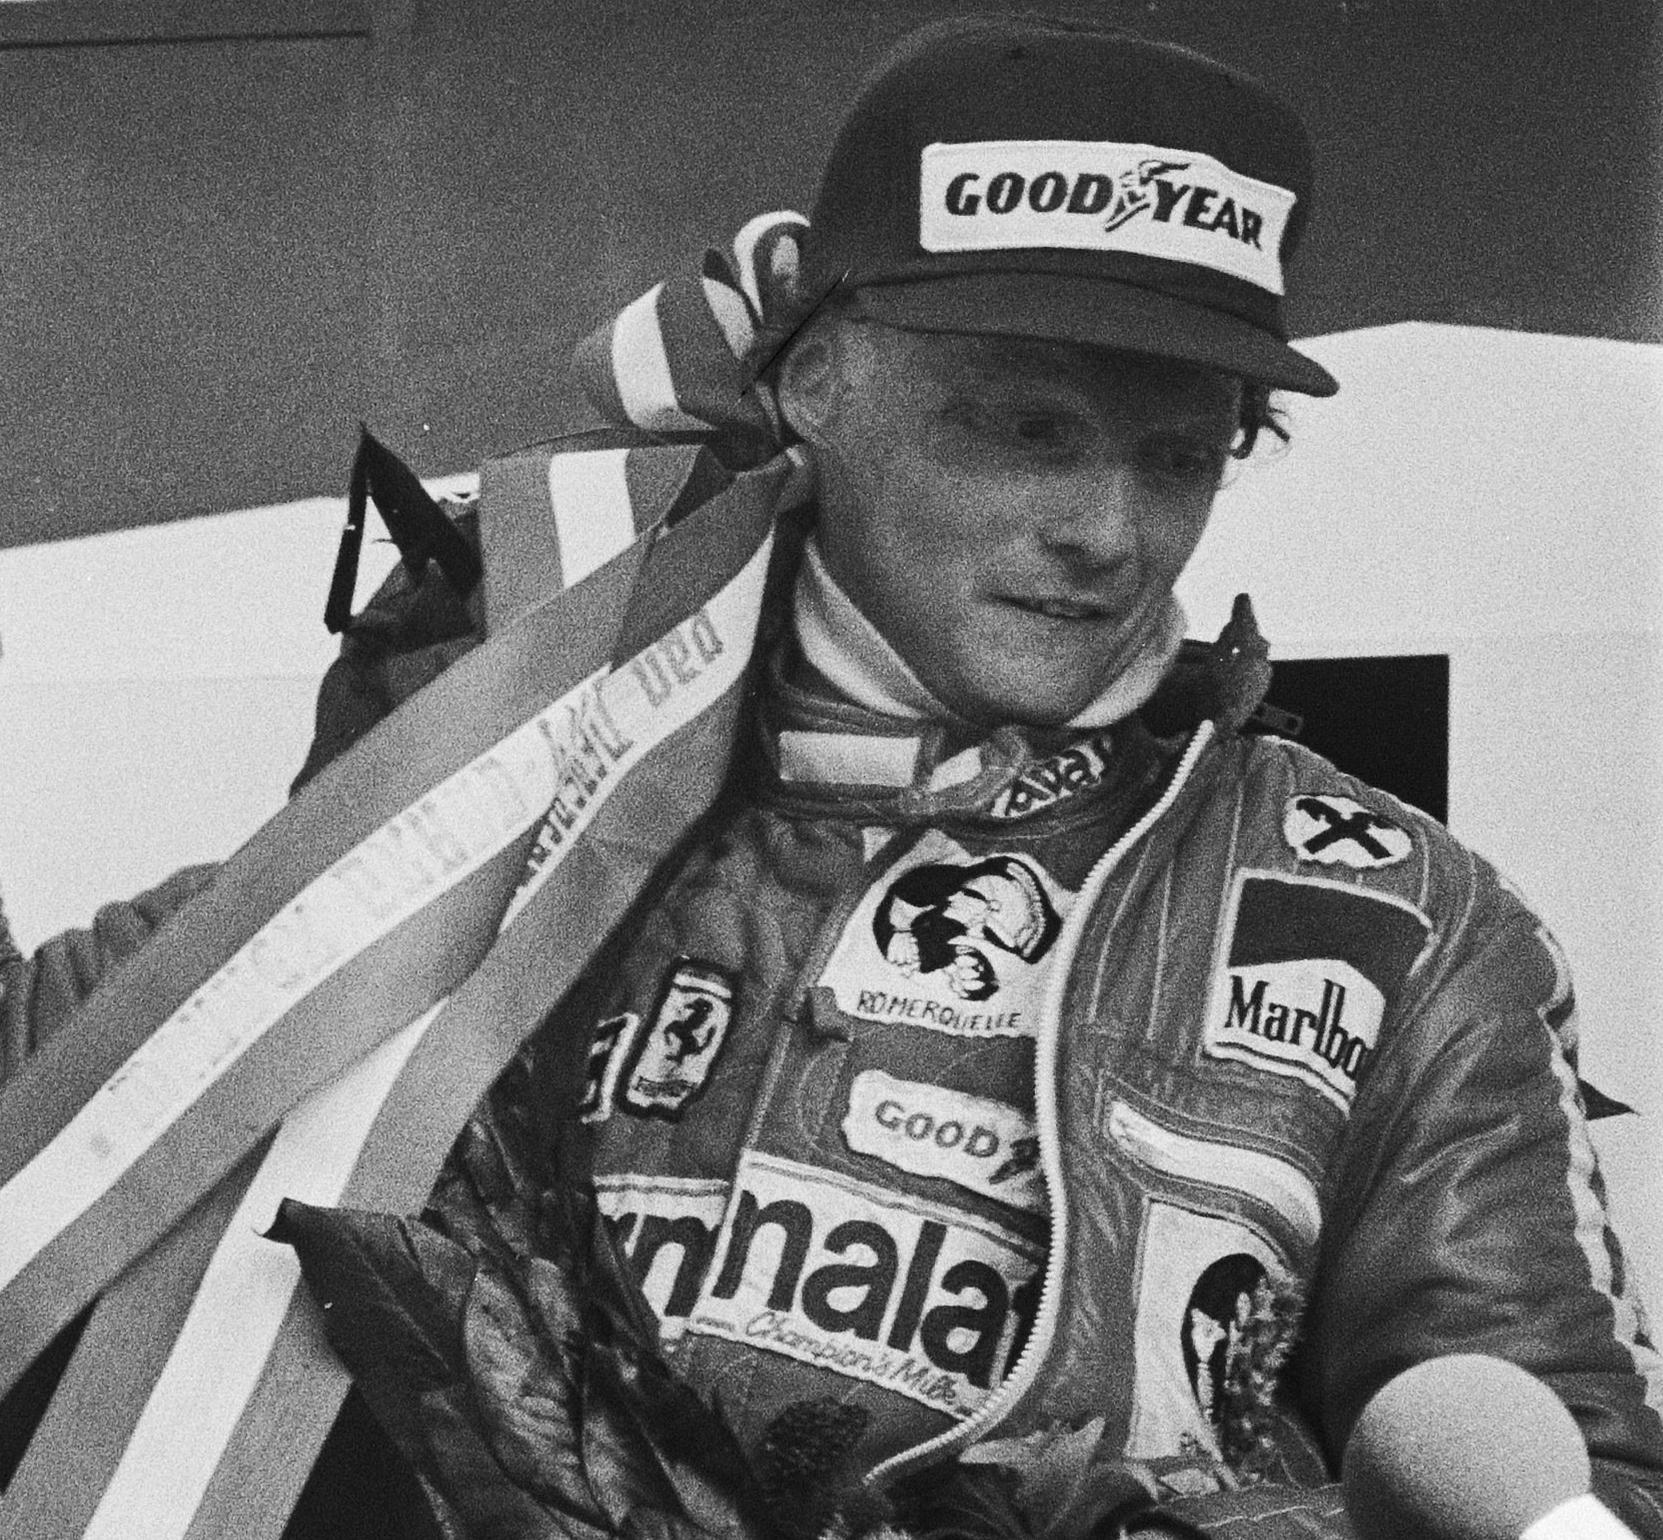 enzo ferrari and niki lauda with 1977 Formula One Season on Flying Ferraris Flugplatz Niki Lauda German Gp 1975 as well 1 as well 350 Ediciones Especiales Ferrari Por Su 70 Cumpleanos 294083 likewise Shadow Dn5 Formula 1 Car as well Gilles Villeneuve.